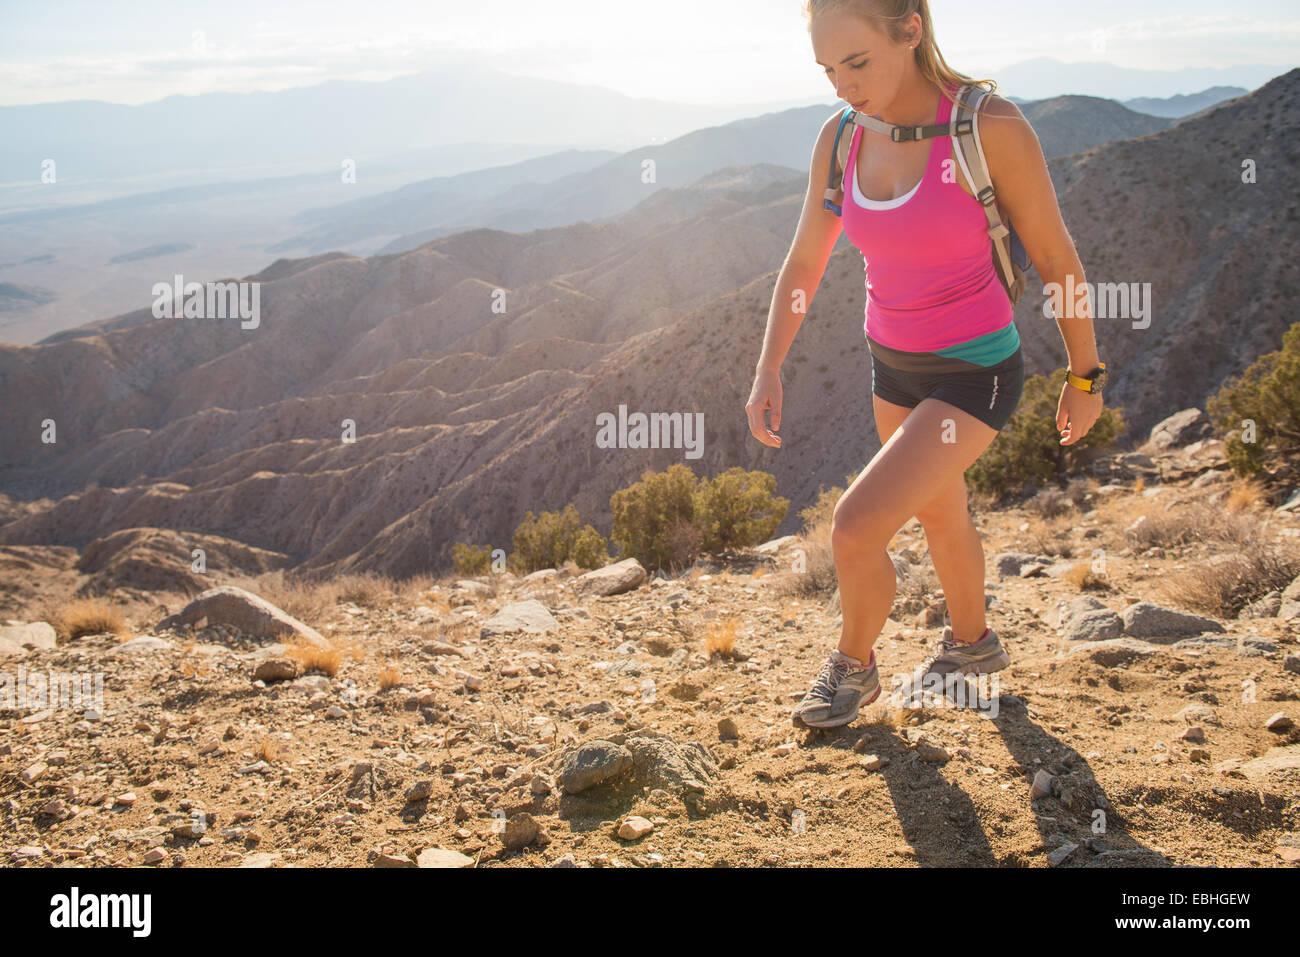 Femme de la randonnée, le parc national Joshua Tree, California, US Photo Stock